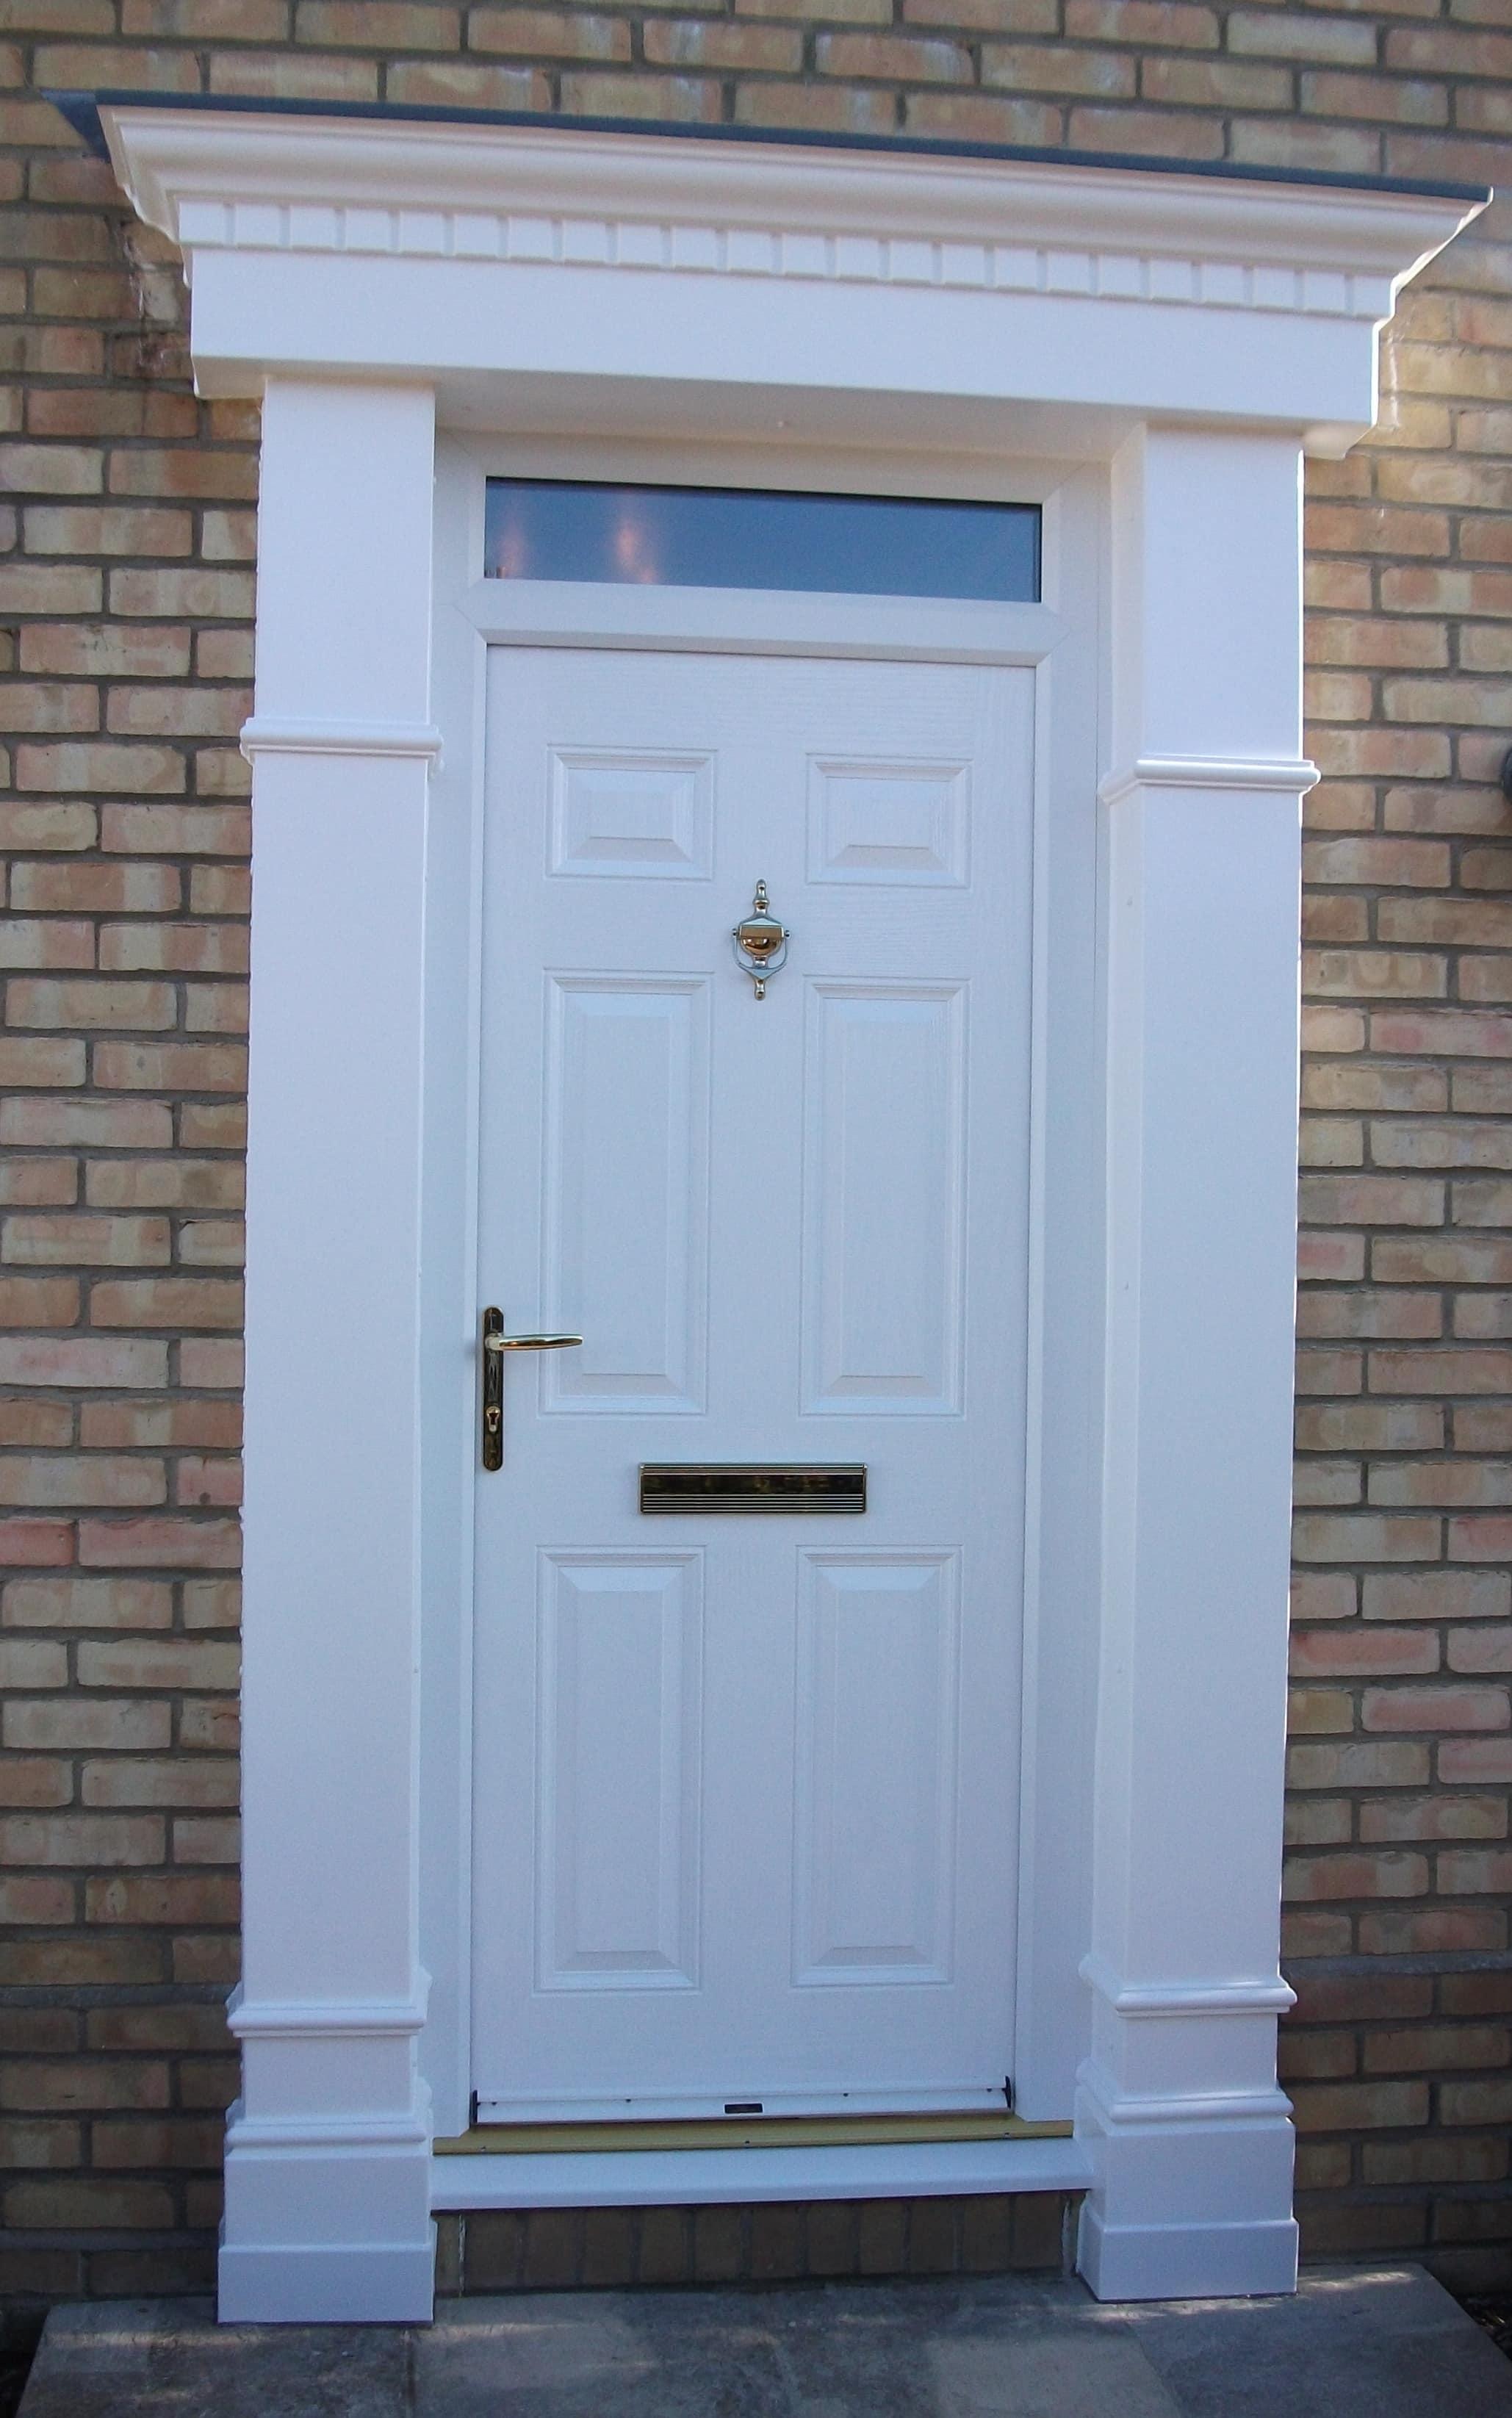 Door Surrounds Available From Elglaze Ltd